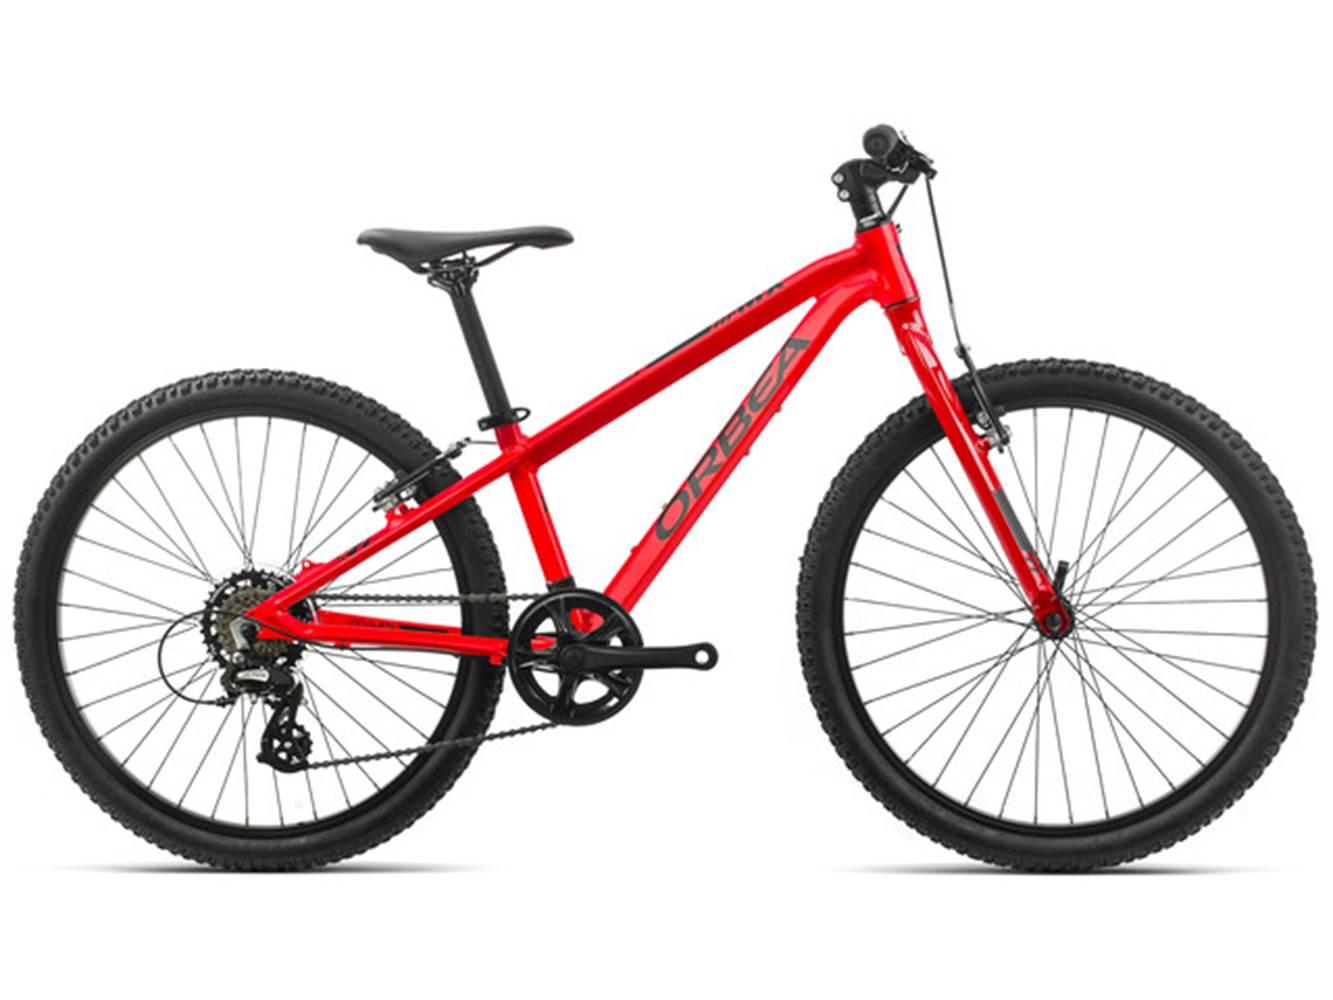 ORBEA MX24 Dirt rouge - vélo pour enfants  entre 130cm-155cm (8 - 12 ans) ©